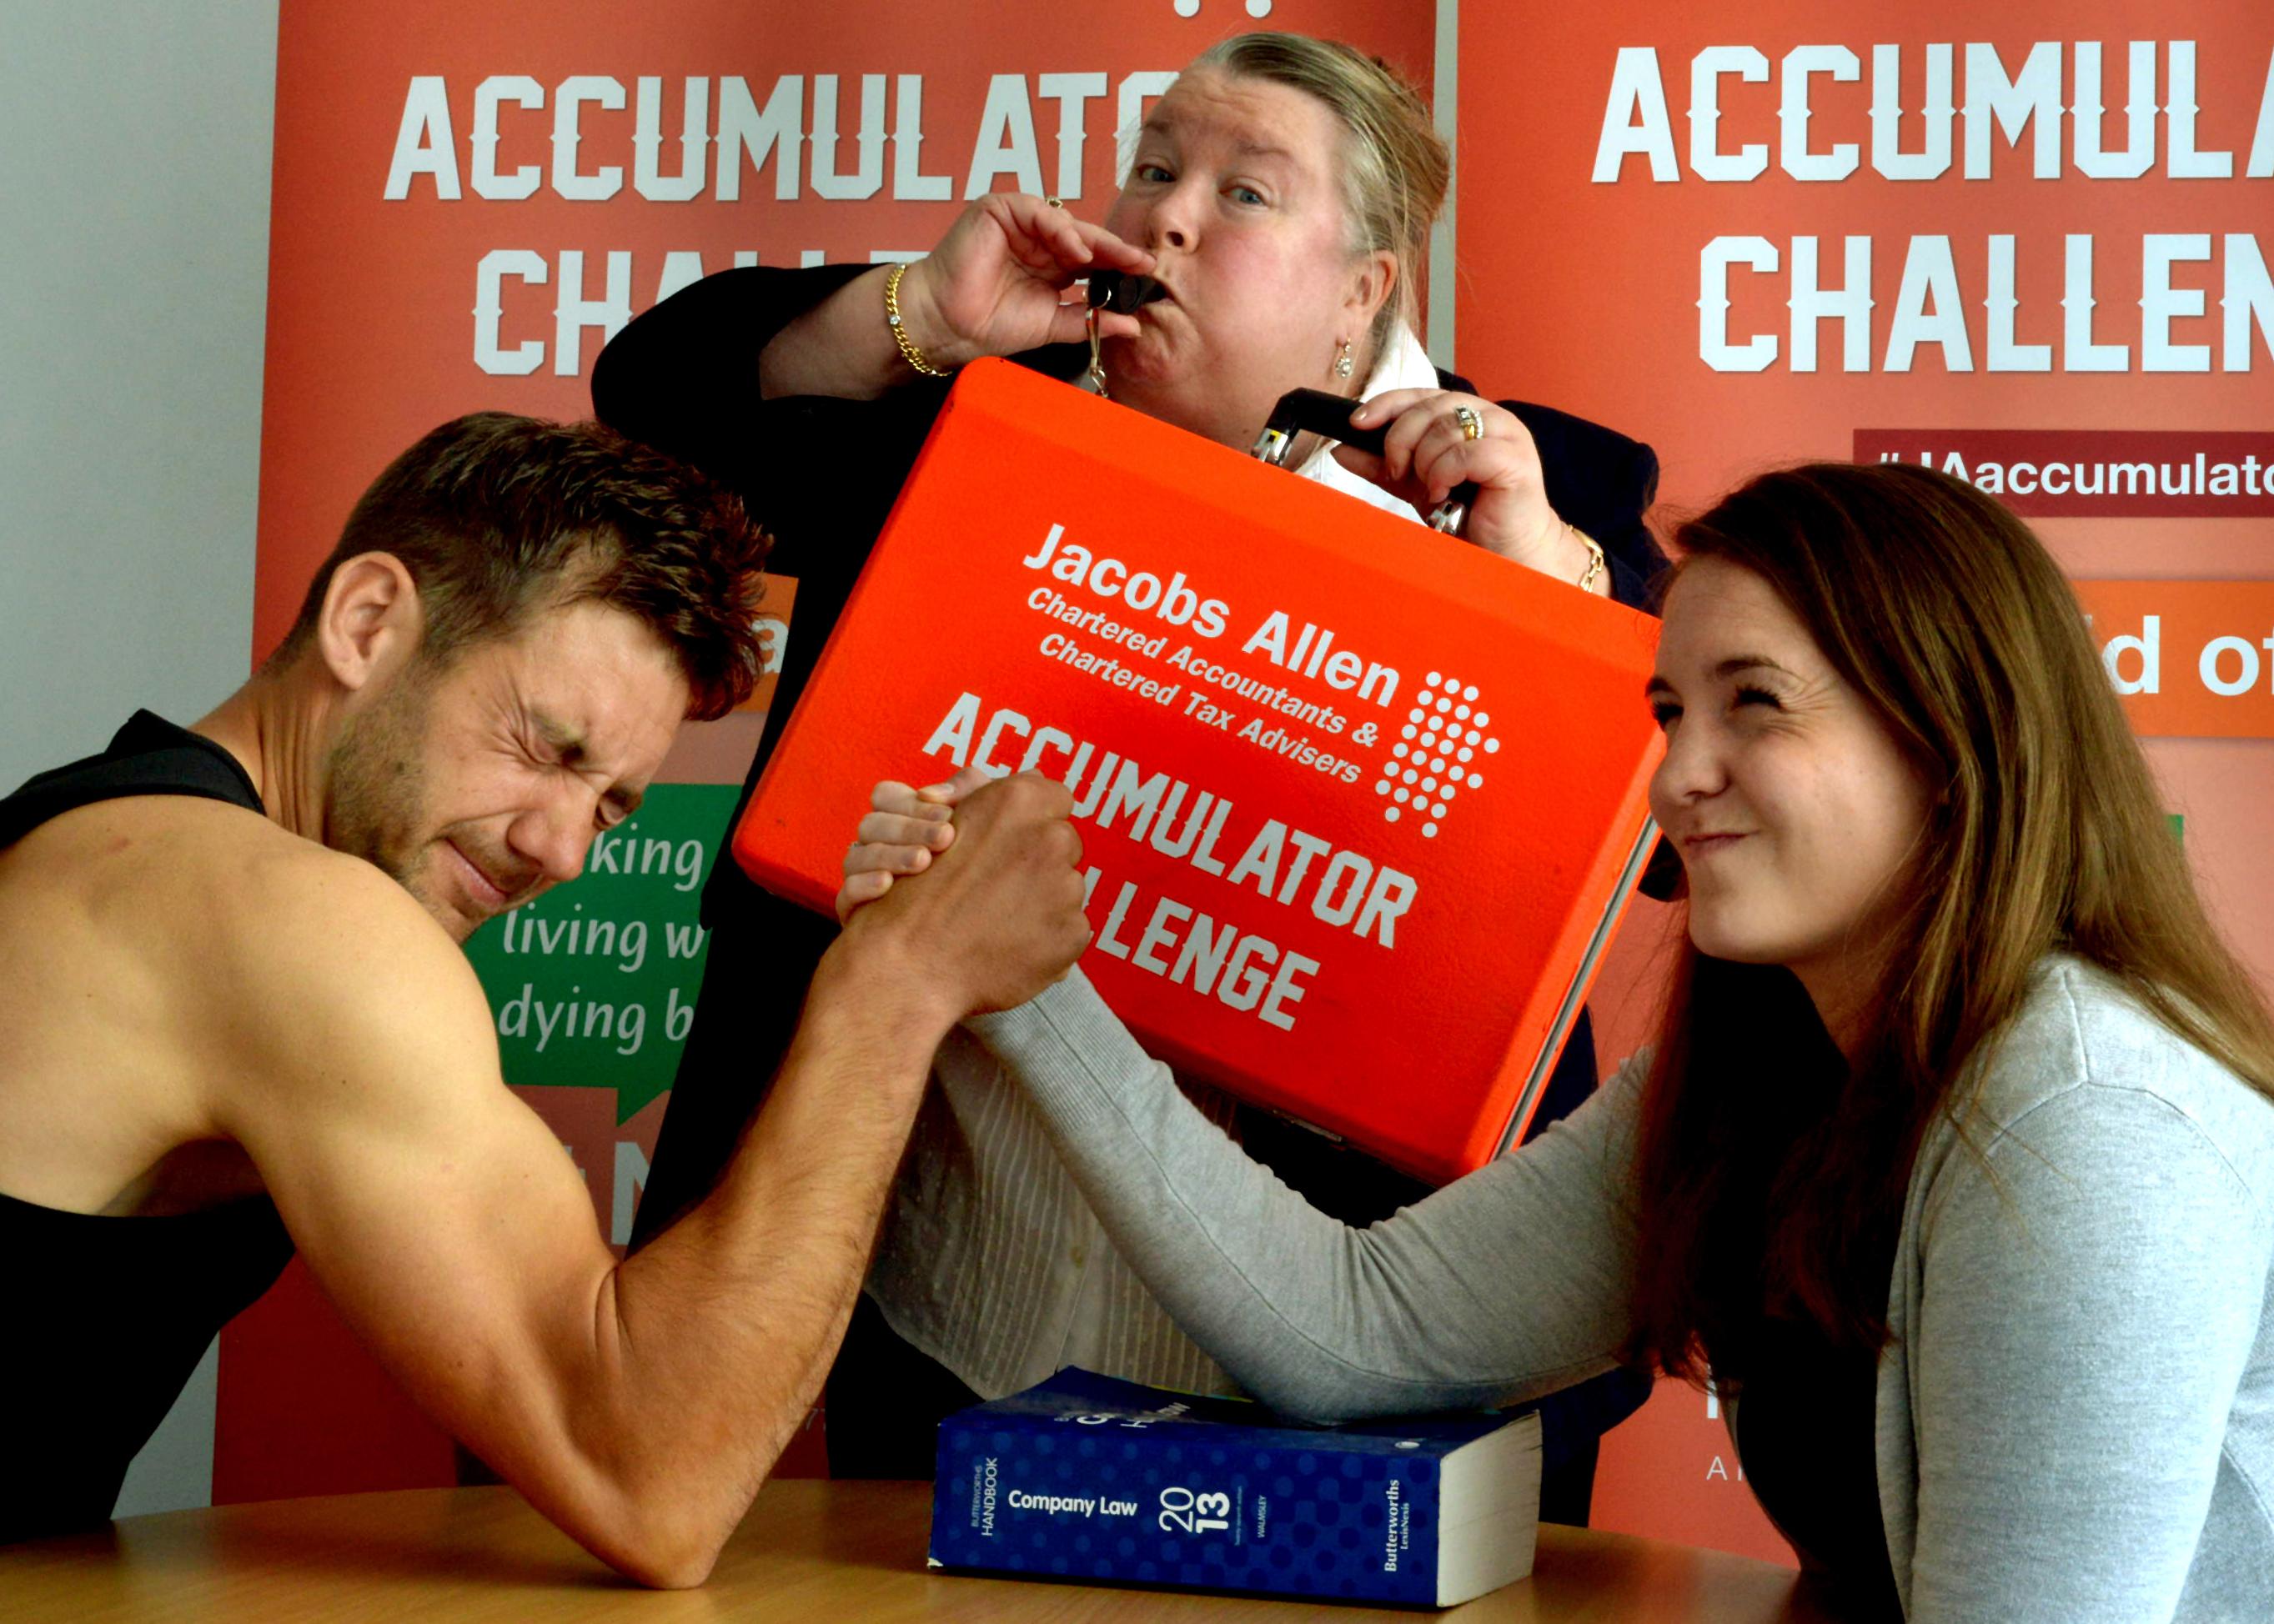 jacobs_allen_accumulator_challenge